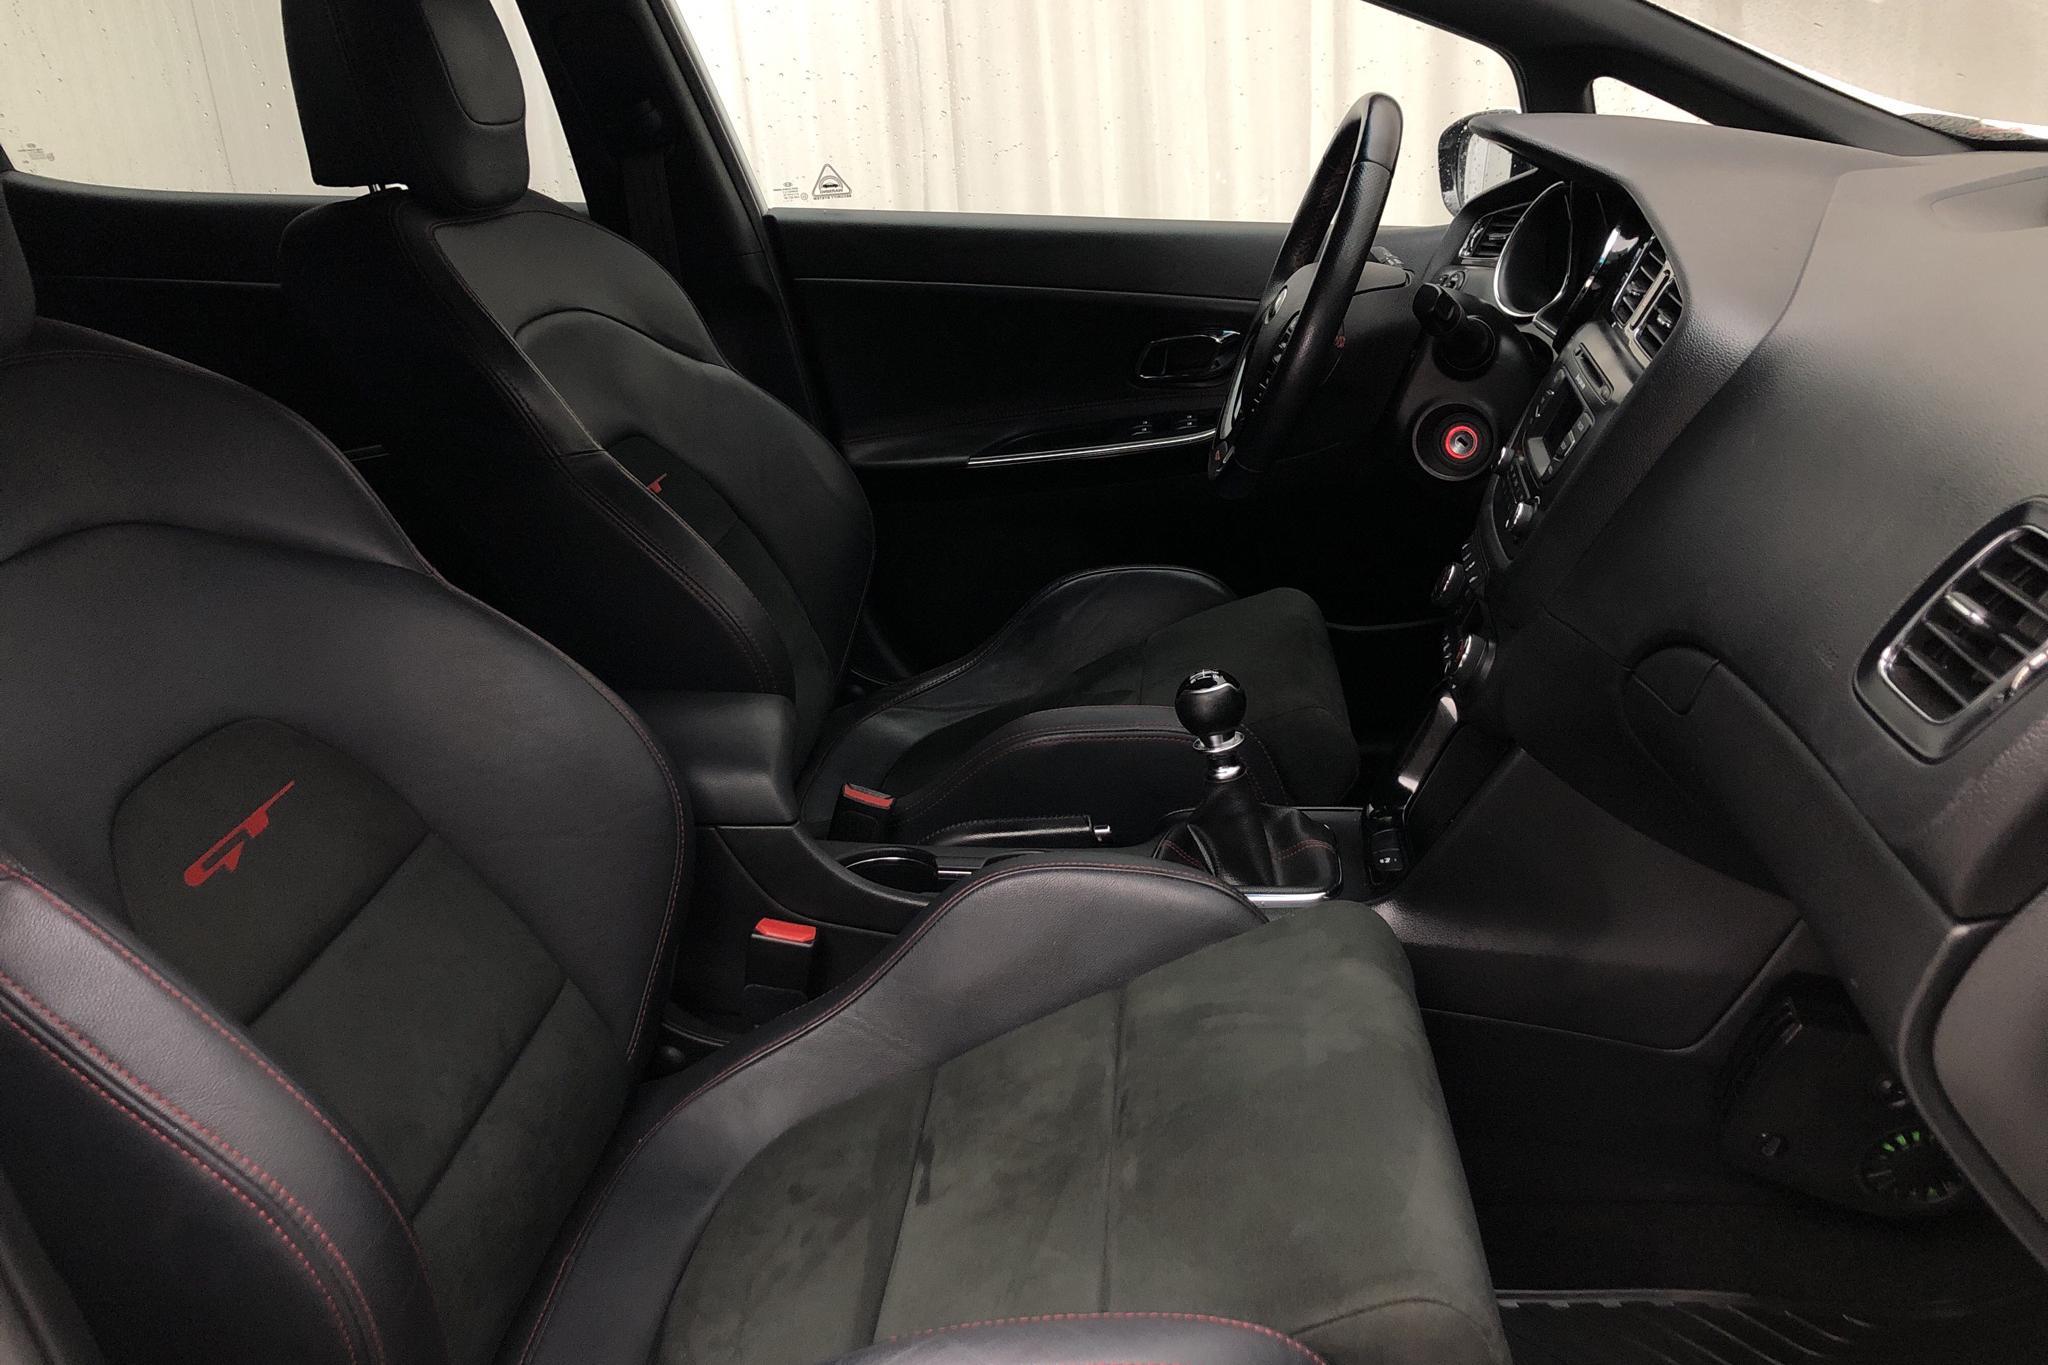 KIA Cee'd GT 1.6 5dr (204hk) - 54 290 km - Manual - white - 2015